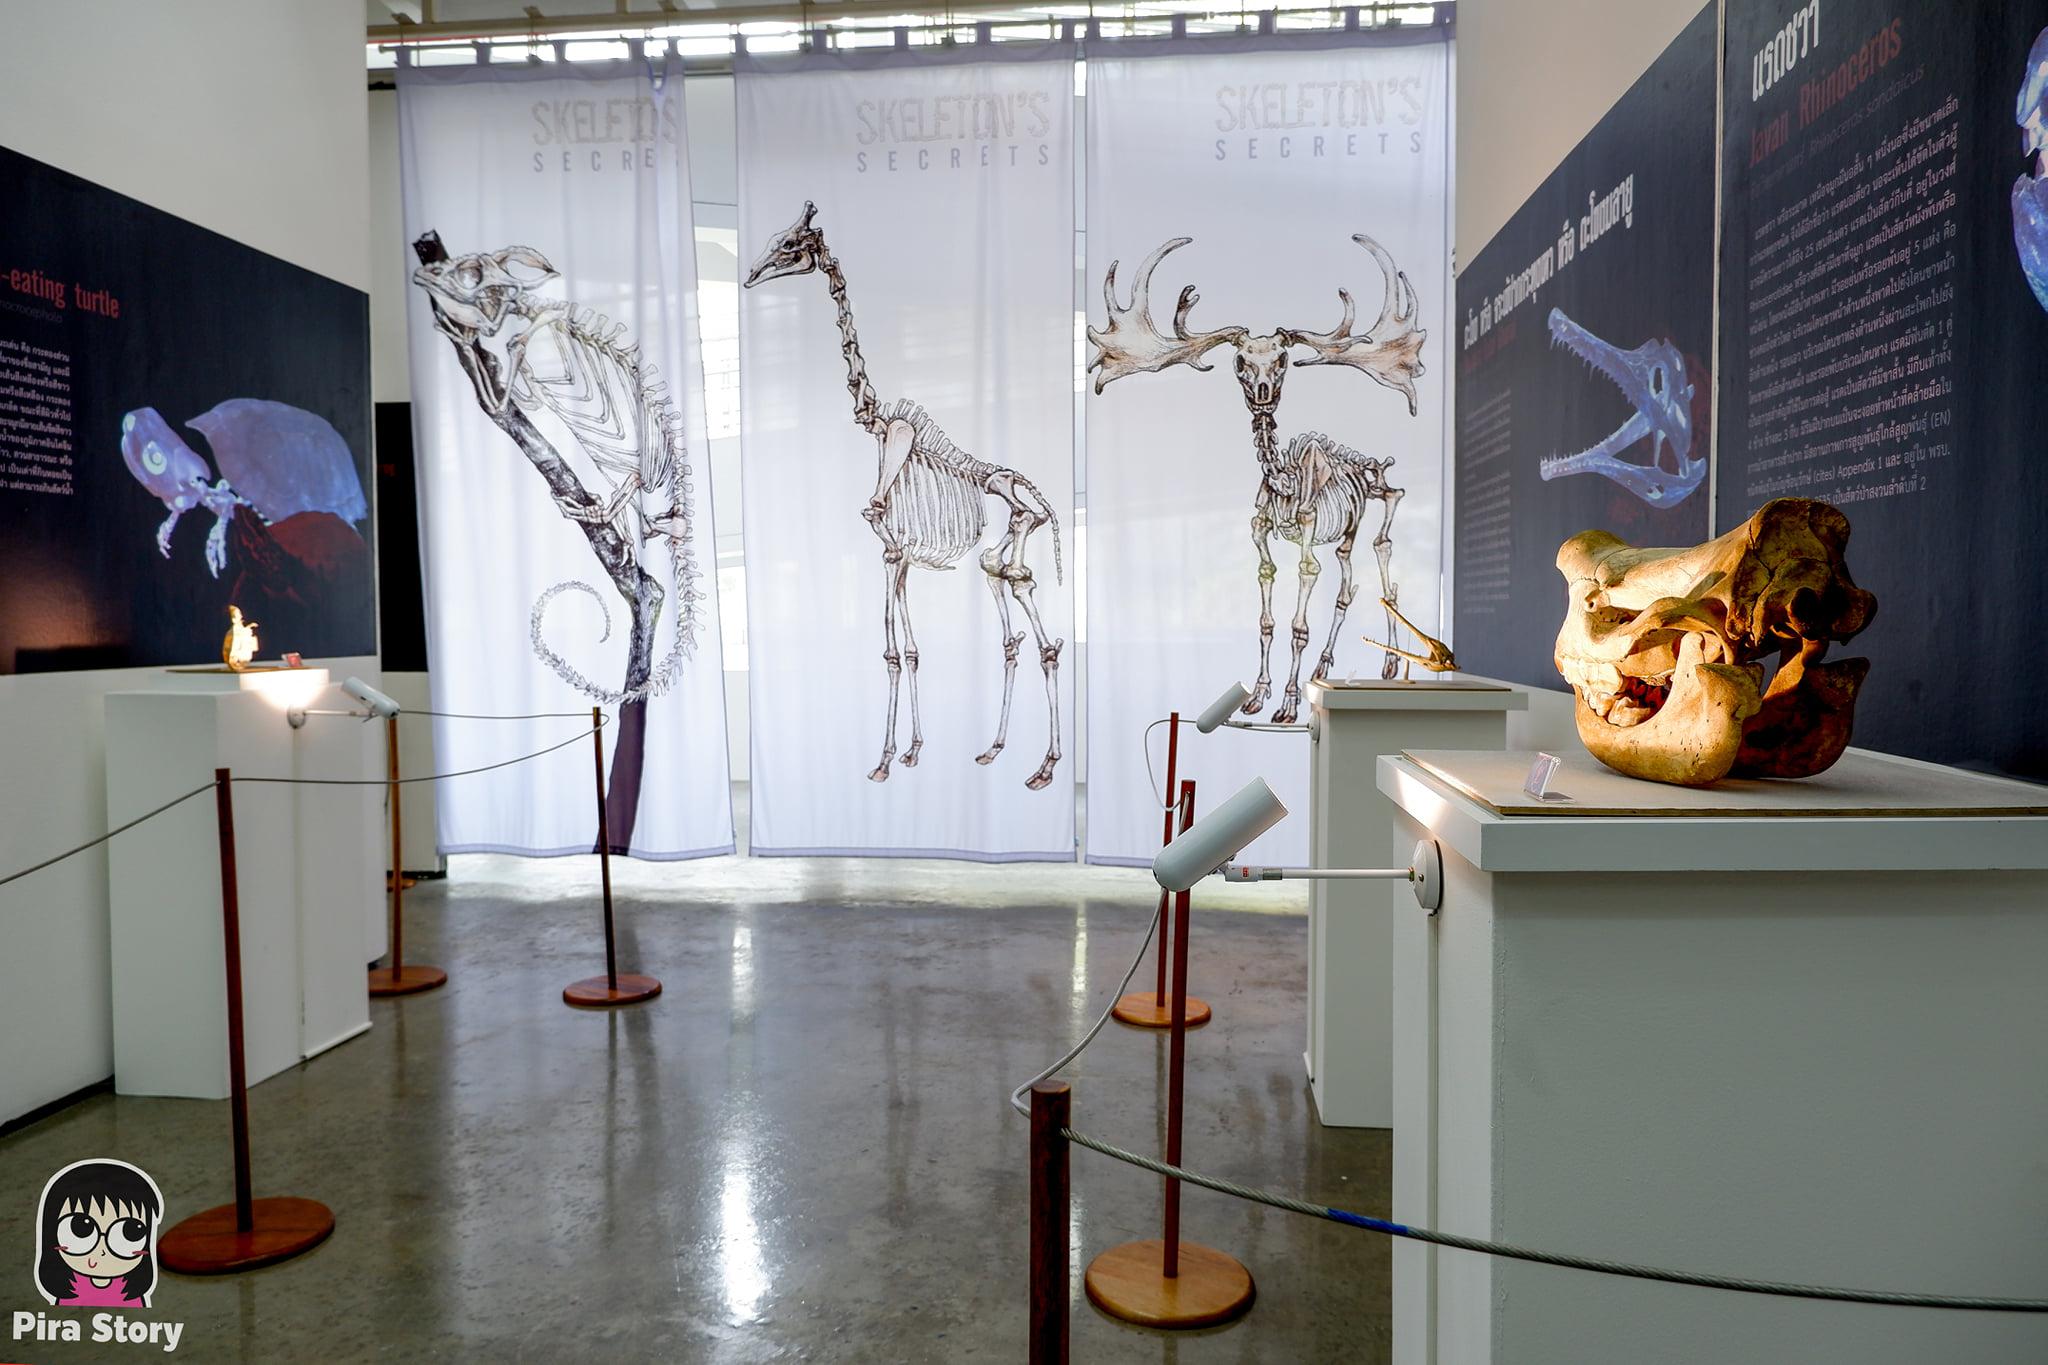 ความลับของโครงกระดูก Skeleton's Secrets ศึกษากายวิภาคสัตว์ ที่พิพิธภัณฑ์ จุฬาลงกรณ์มหาวิทยาลัย คณะวิทยาศาสตร์ ชีววิทยา Night at the museum 2020 เที่ยวพิพิธภัณฑ์ เที่ยวกรุงเทพ สยาม กระดูกสัตว์ กายวิภาคศาสตร์ โครงสร้างร่างกาย โครงสร้างกระดูก สัตว์เลี้ยงลูกด้วยนม สัตว์มีกระดูกสันหลัง